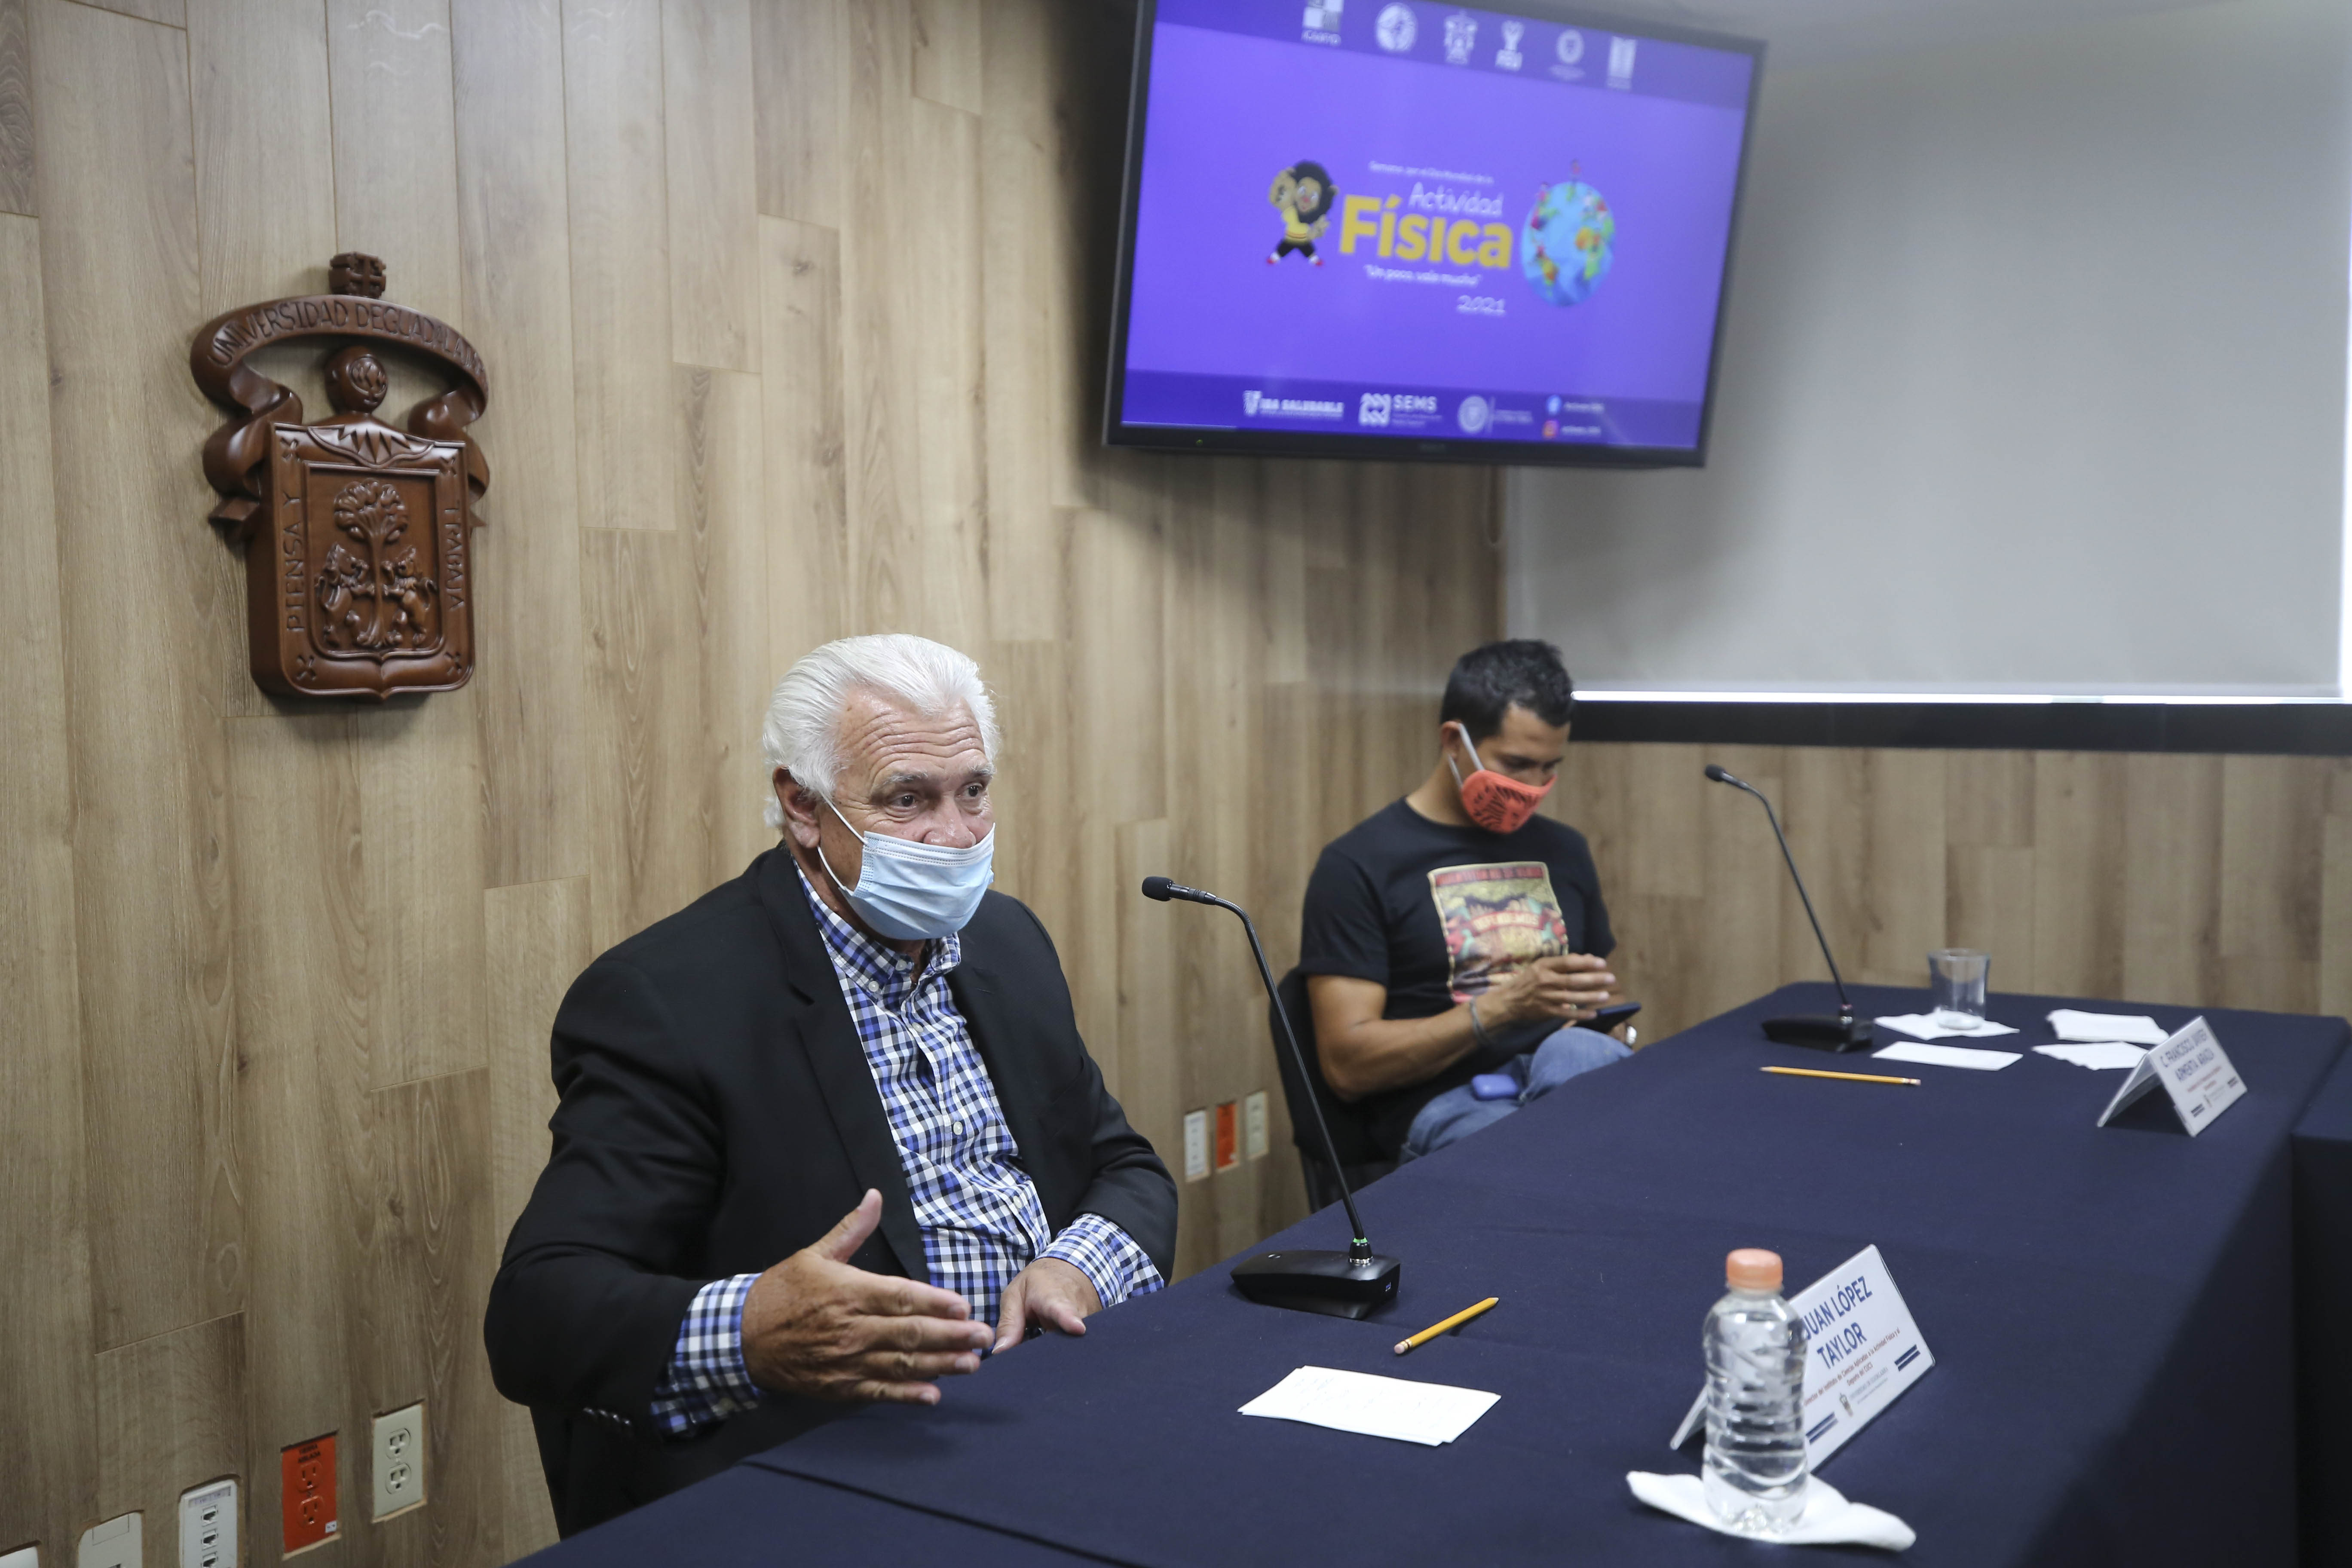 Dr. Juan López y Taylor al micrófono